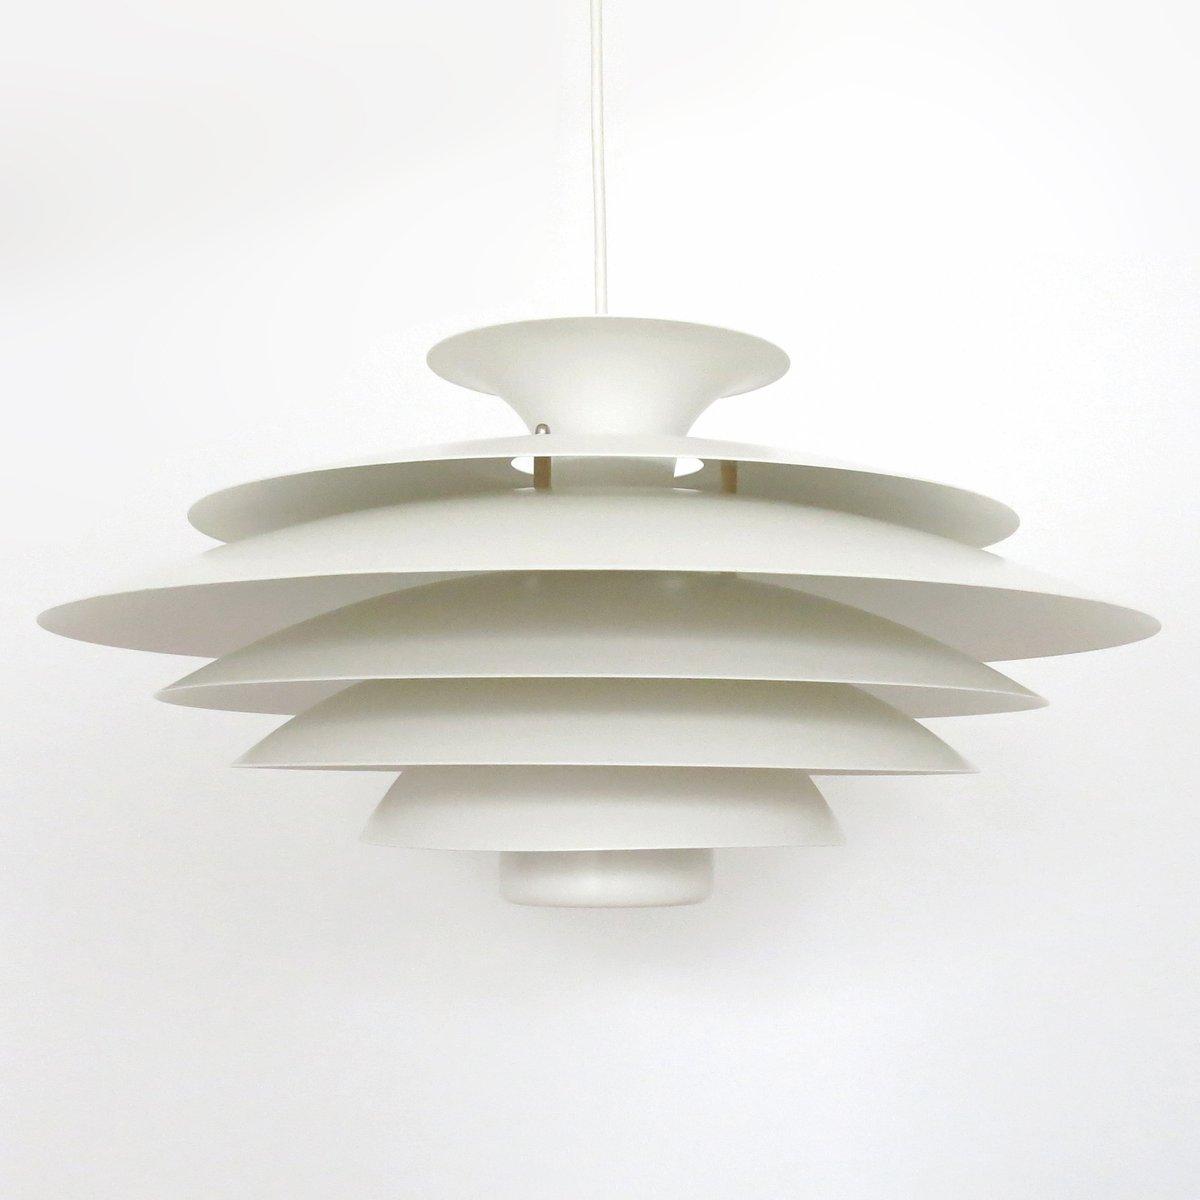 Gestufte Danish Modern Hängelampe von Formlight, 1960er